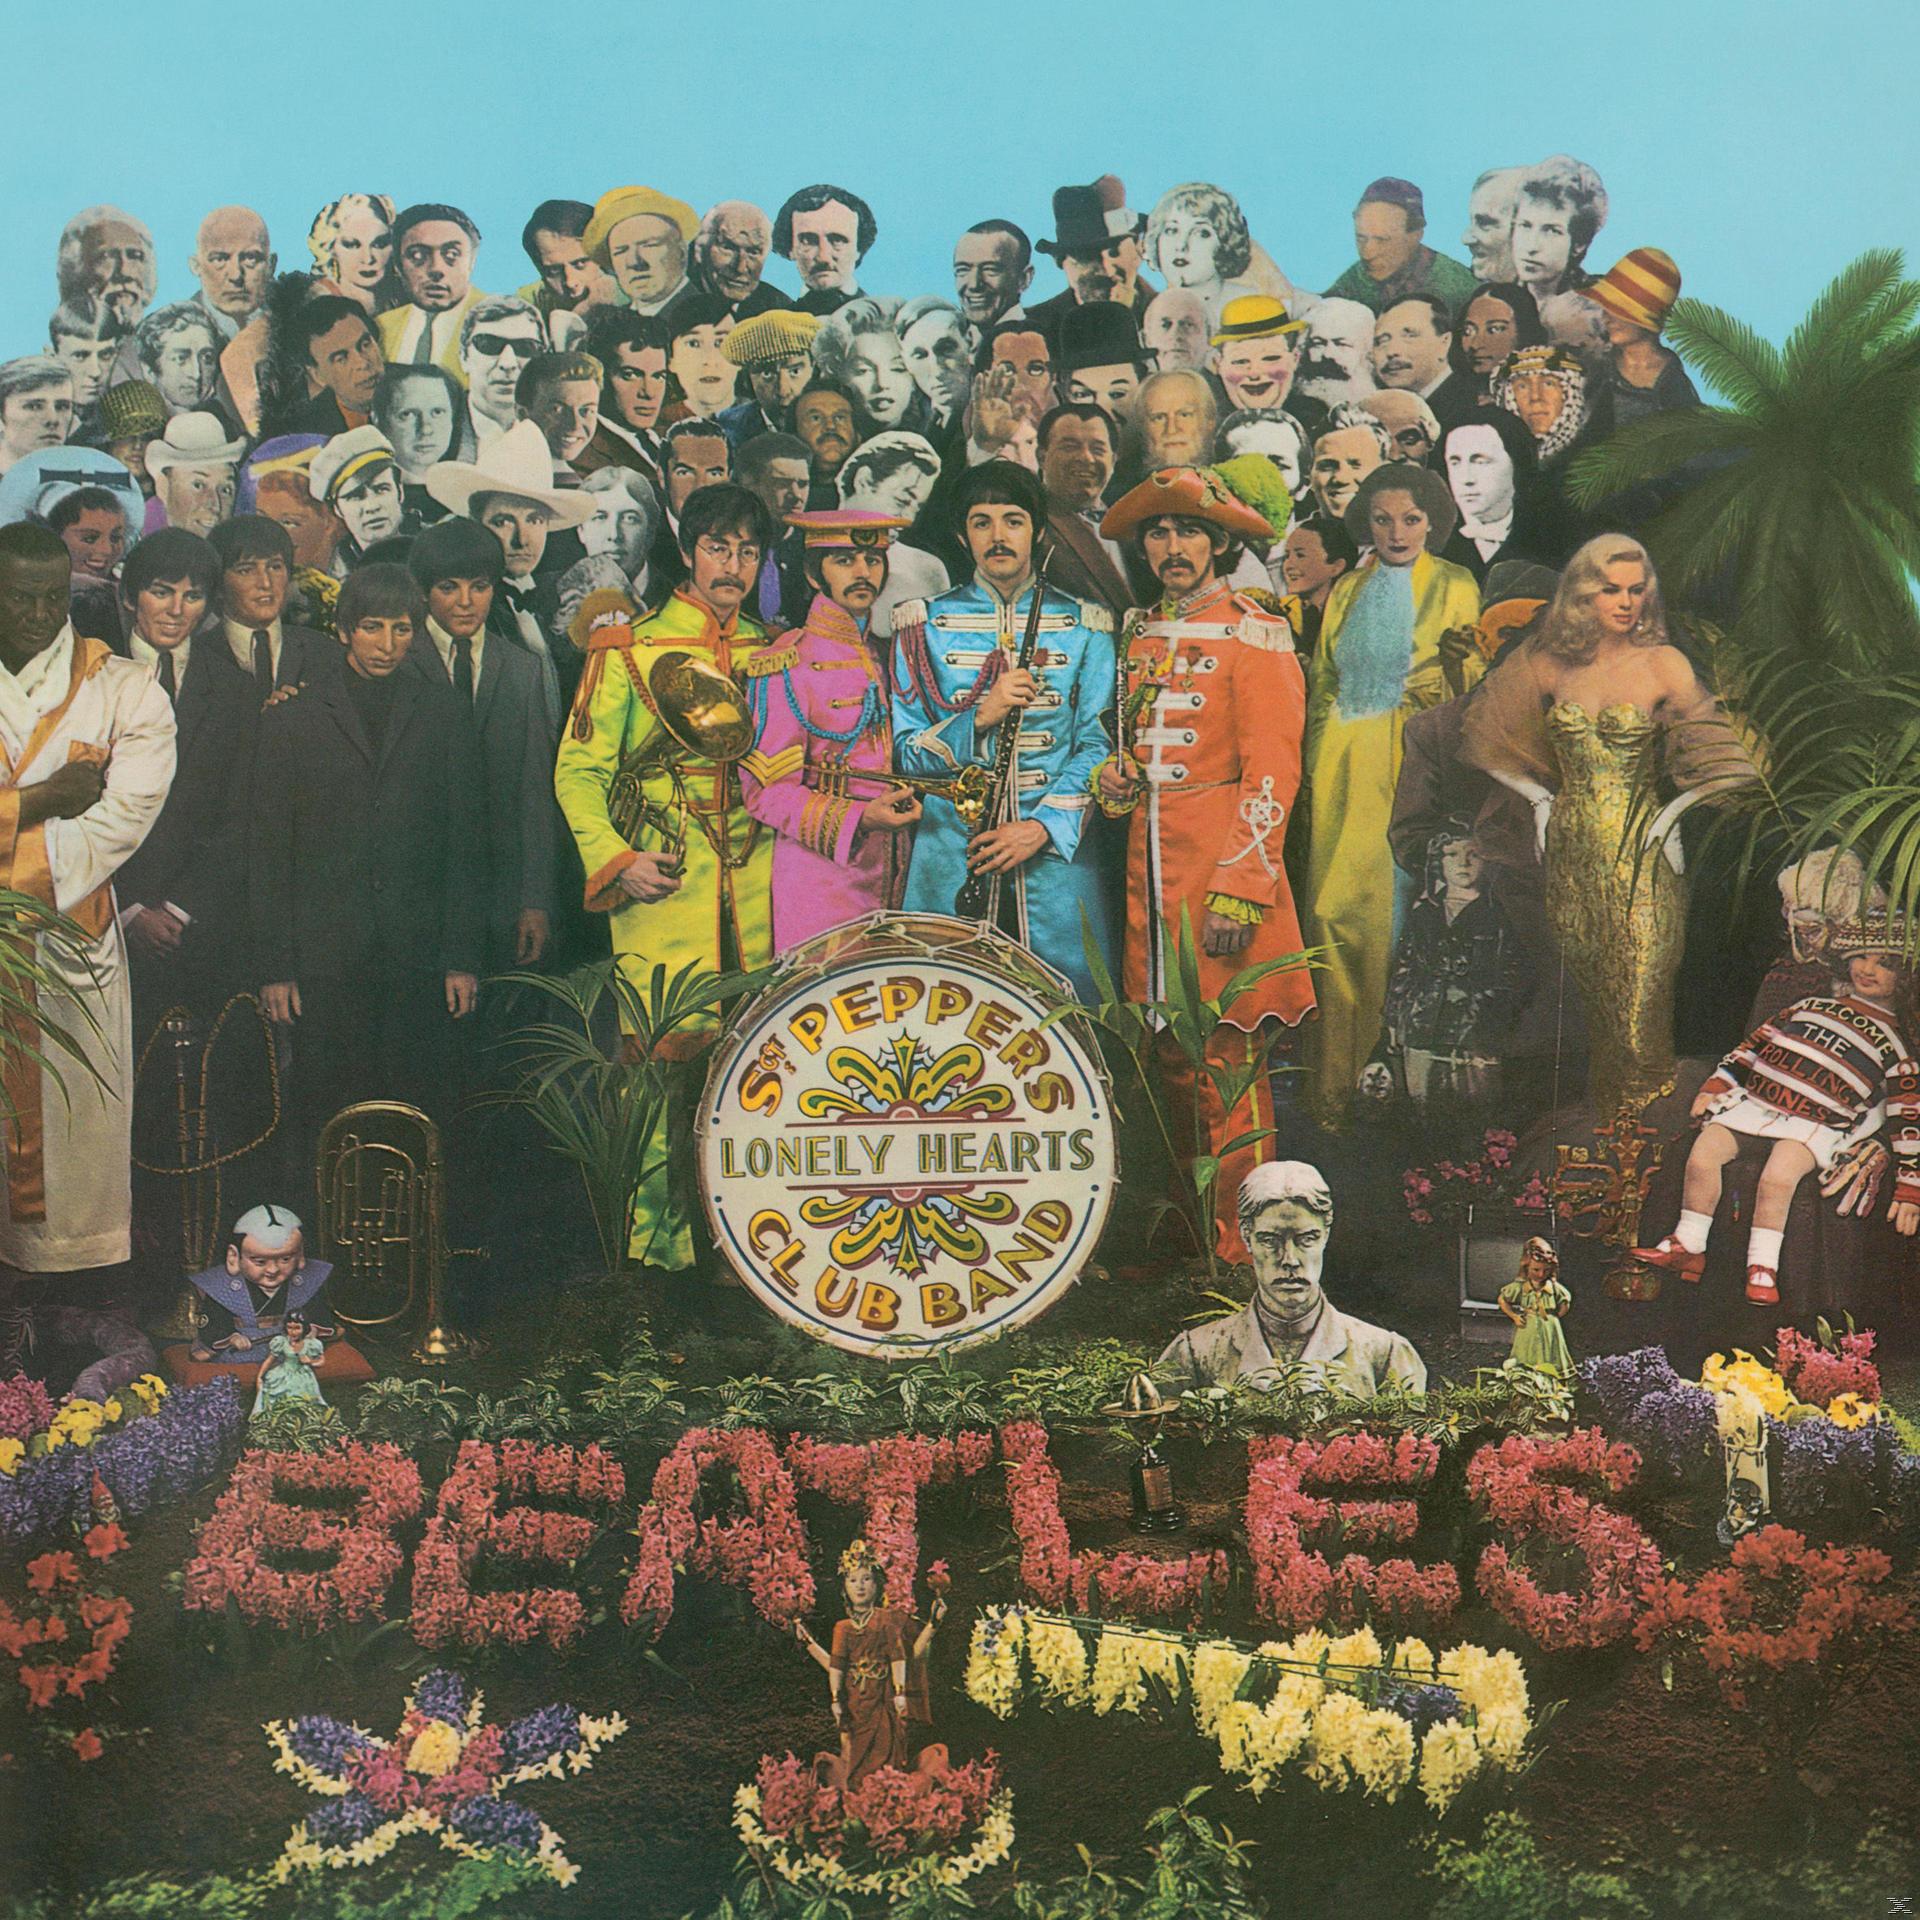 Τα καλύτερα άλμπουμ που θα βρεις σε βινύλιο!